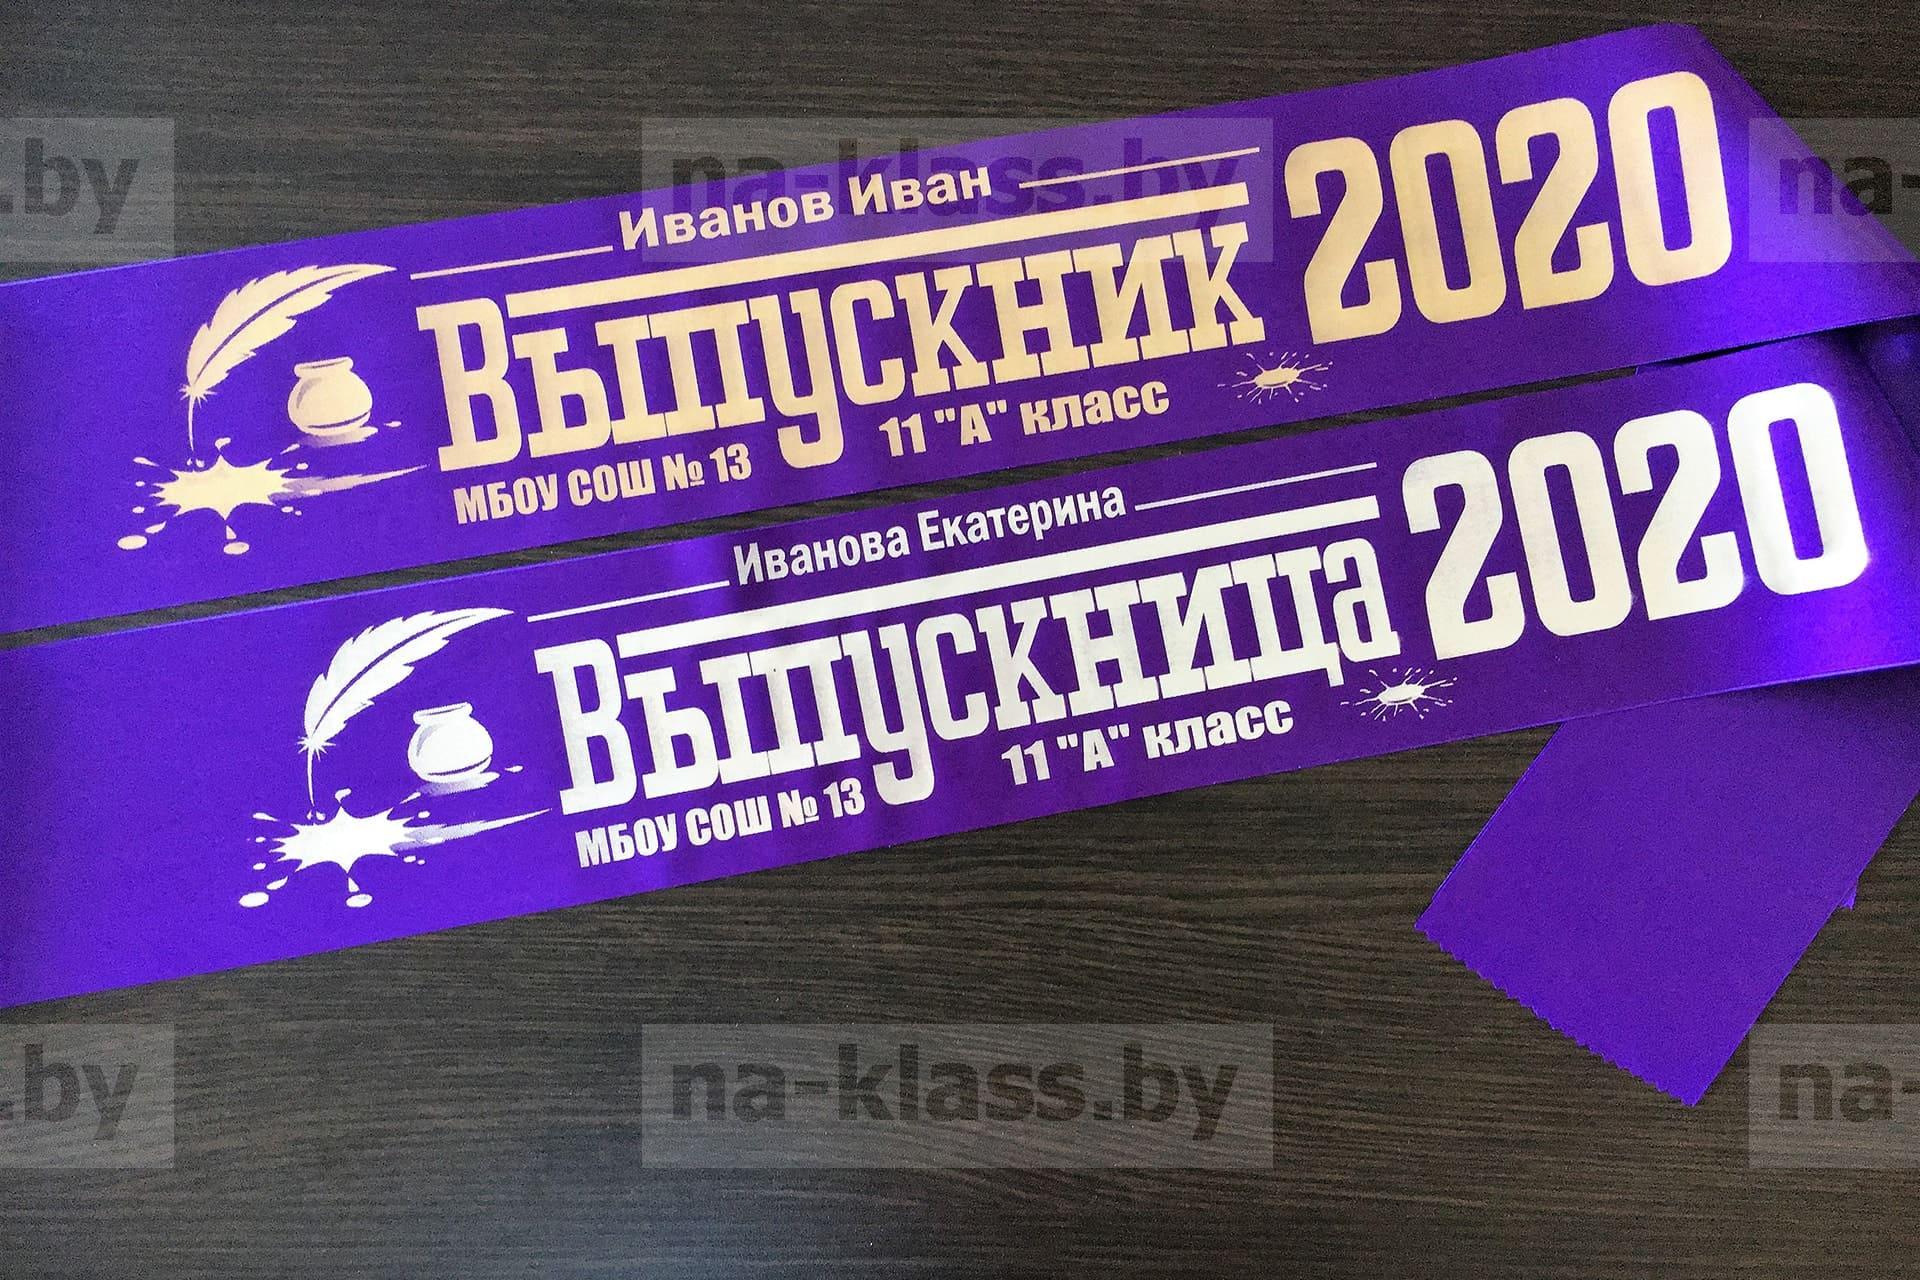 ленты на выпускной 2021 + в Волгограде